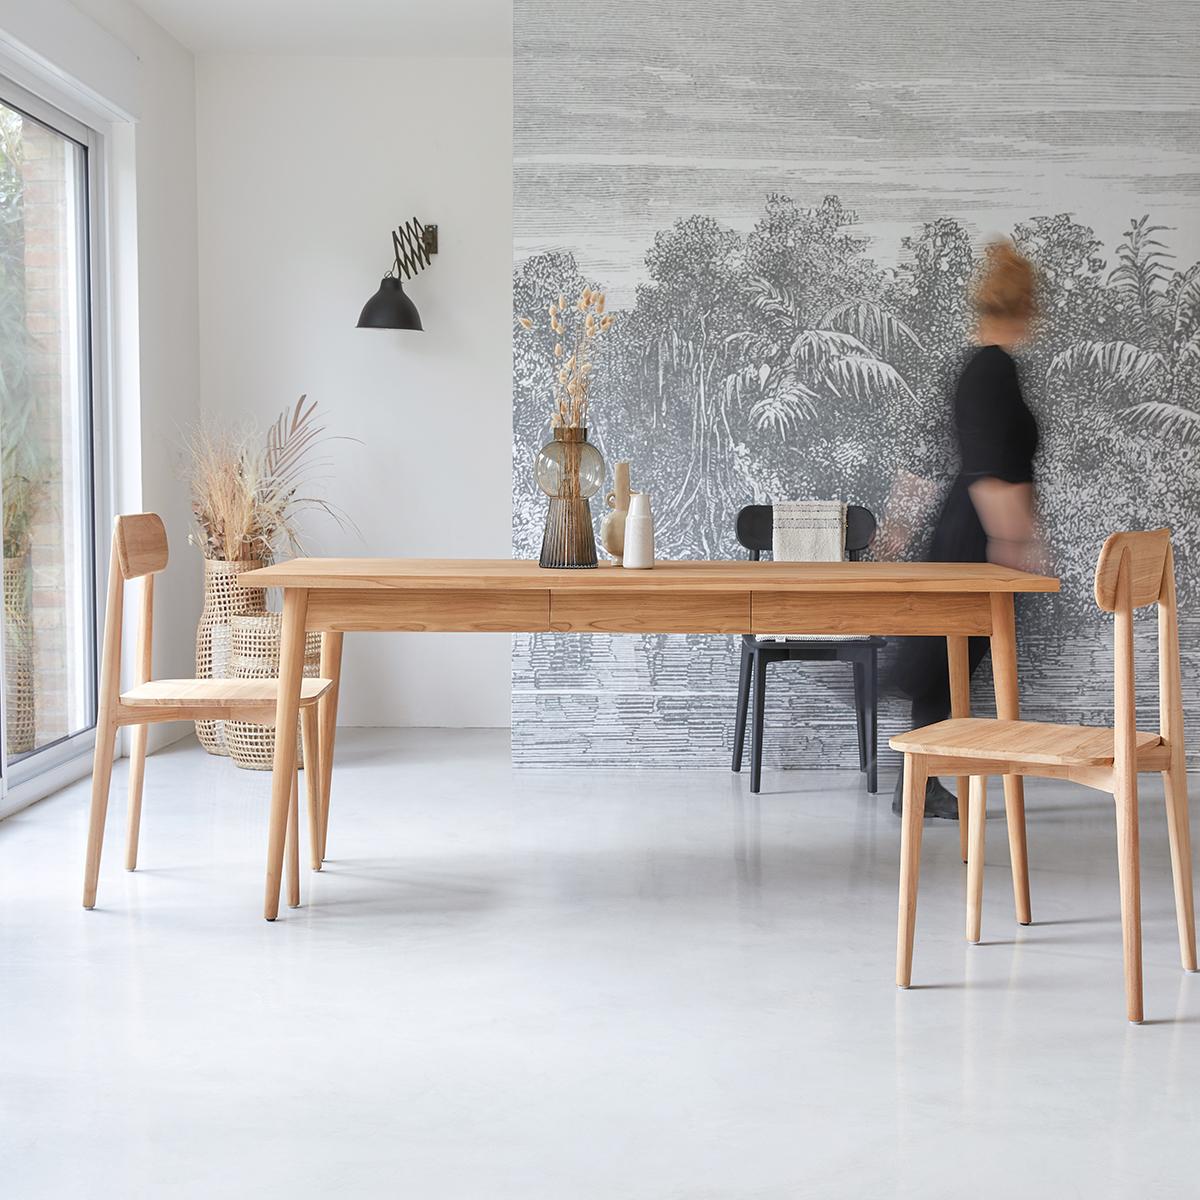 Jonàk solid teak Dining Room Table 180x80